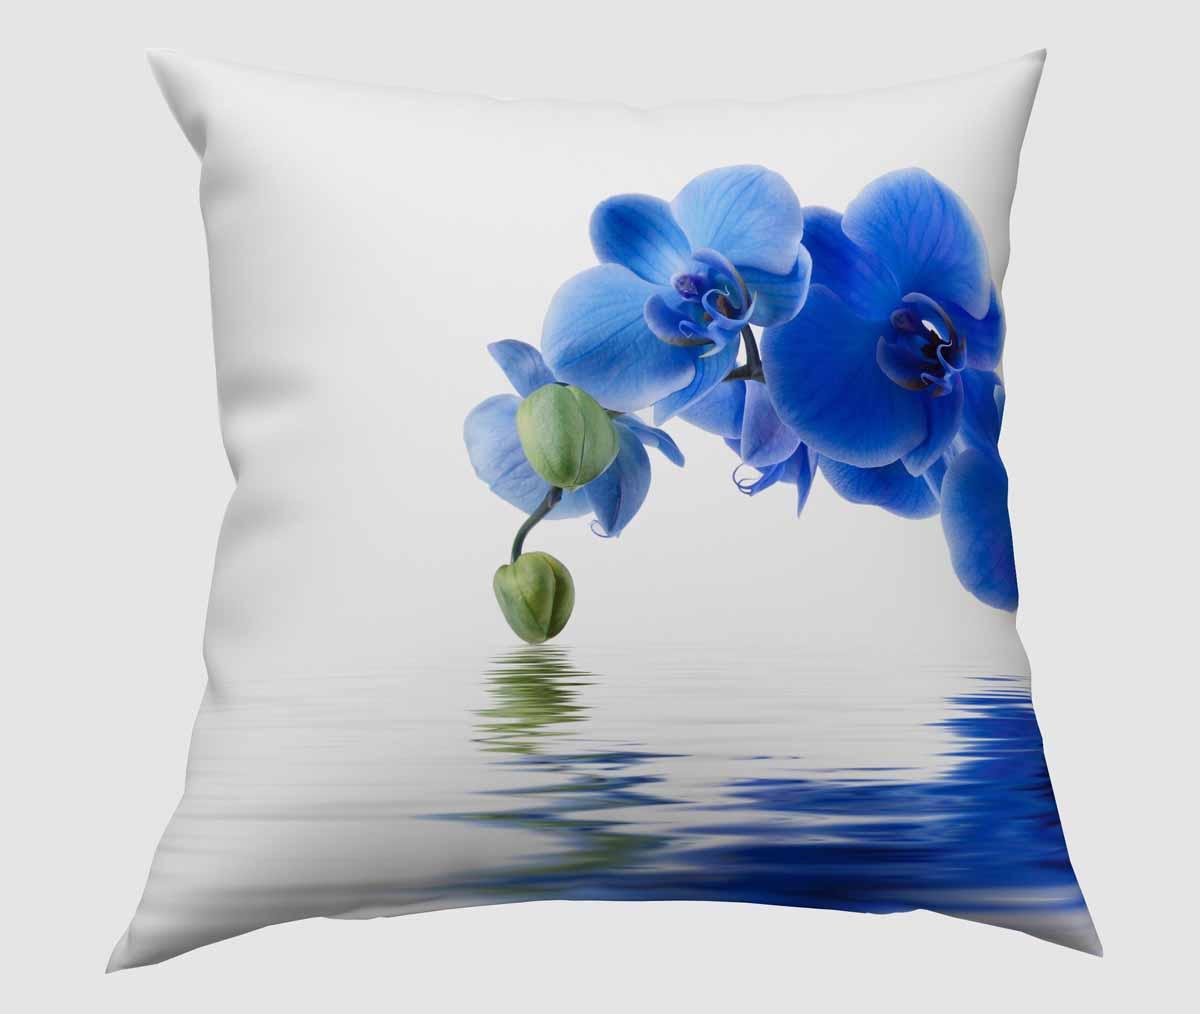 Подушка декоративная Сирень Синяя орхидея, 40 х 40 см04611-ПШ-ГБ-012Декоративная подушка Сирень Синяя орхидея, изготовленная из габардина (100% полиэстер), прекрасно дополнит интерьер спальни или гостиной. Подушка оформлена красочным изображением. Внутри - мягкий наполнитель из холлофайбера (100% полиэстер). Красивая подушка создаст атмосферу тепла и уюта в спальне и станет прекрасным элементом декора.